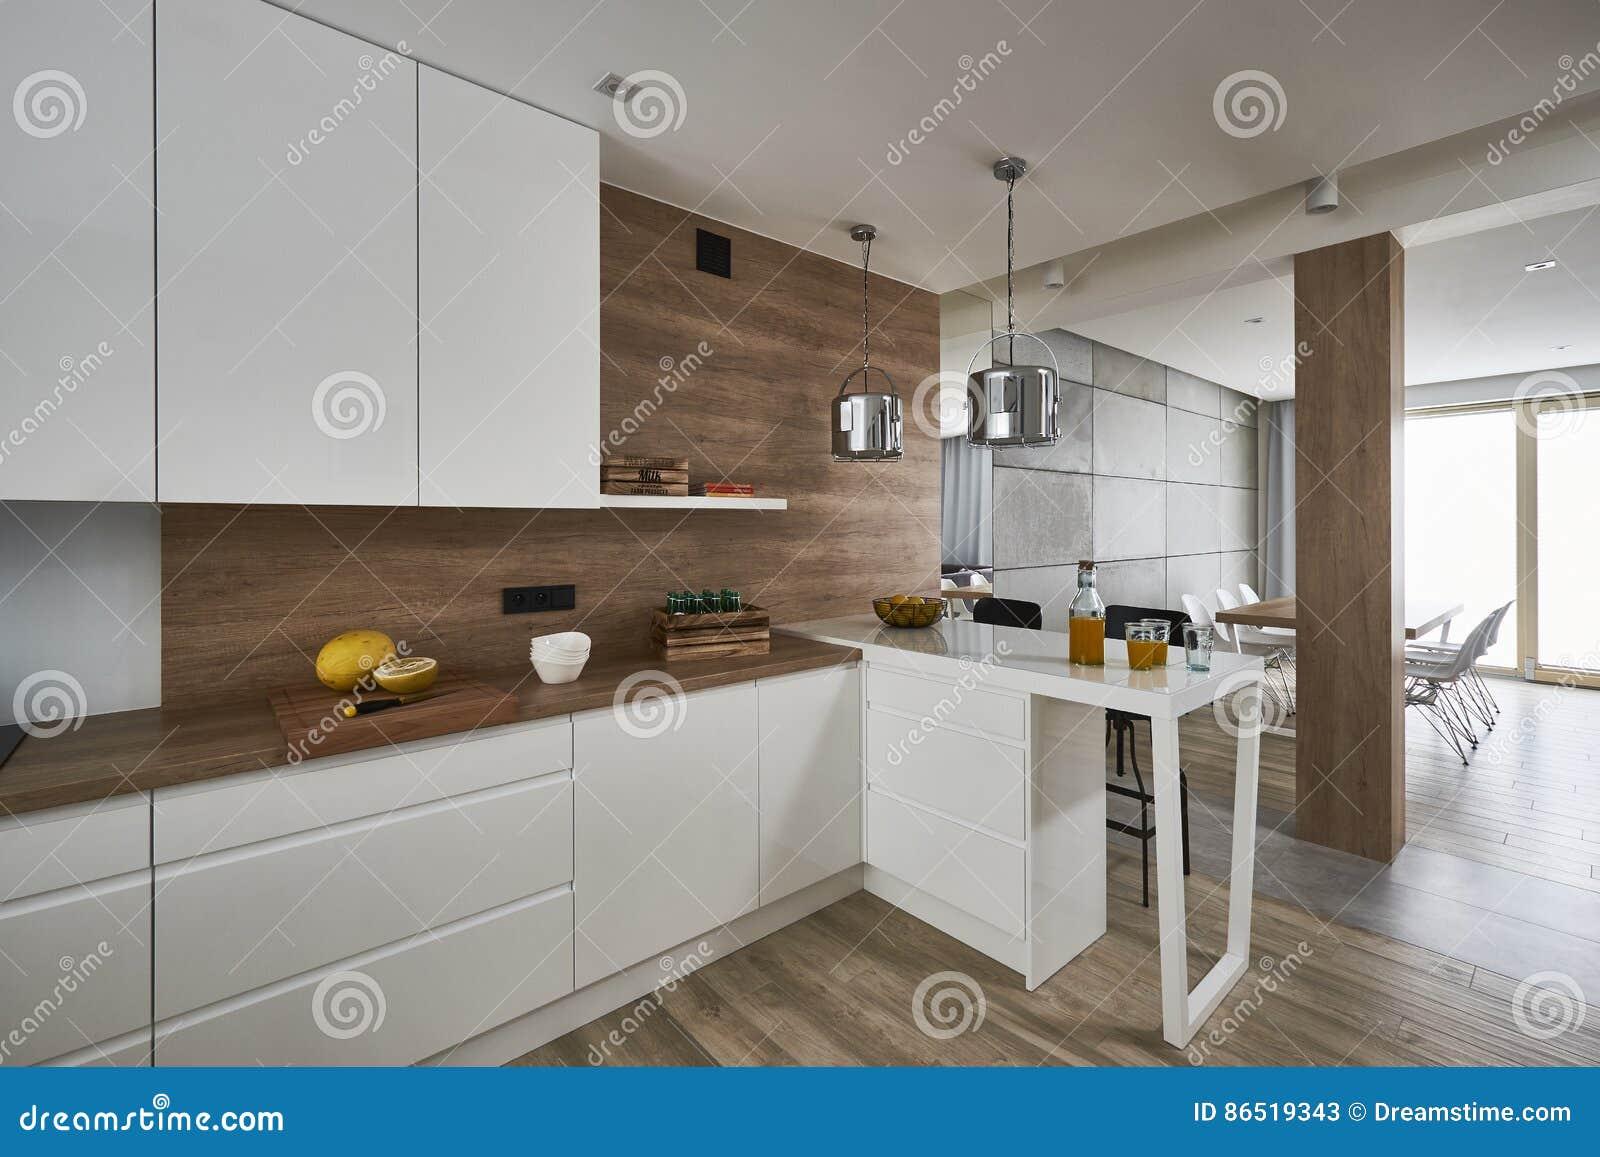 Cozinha Moderna Com As Paredes Brancas E Marrons Foto De Stock